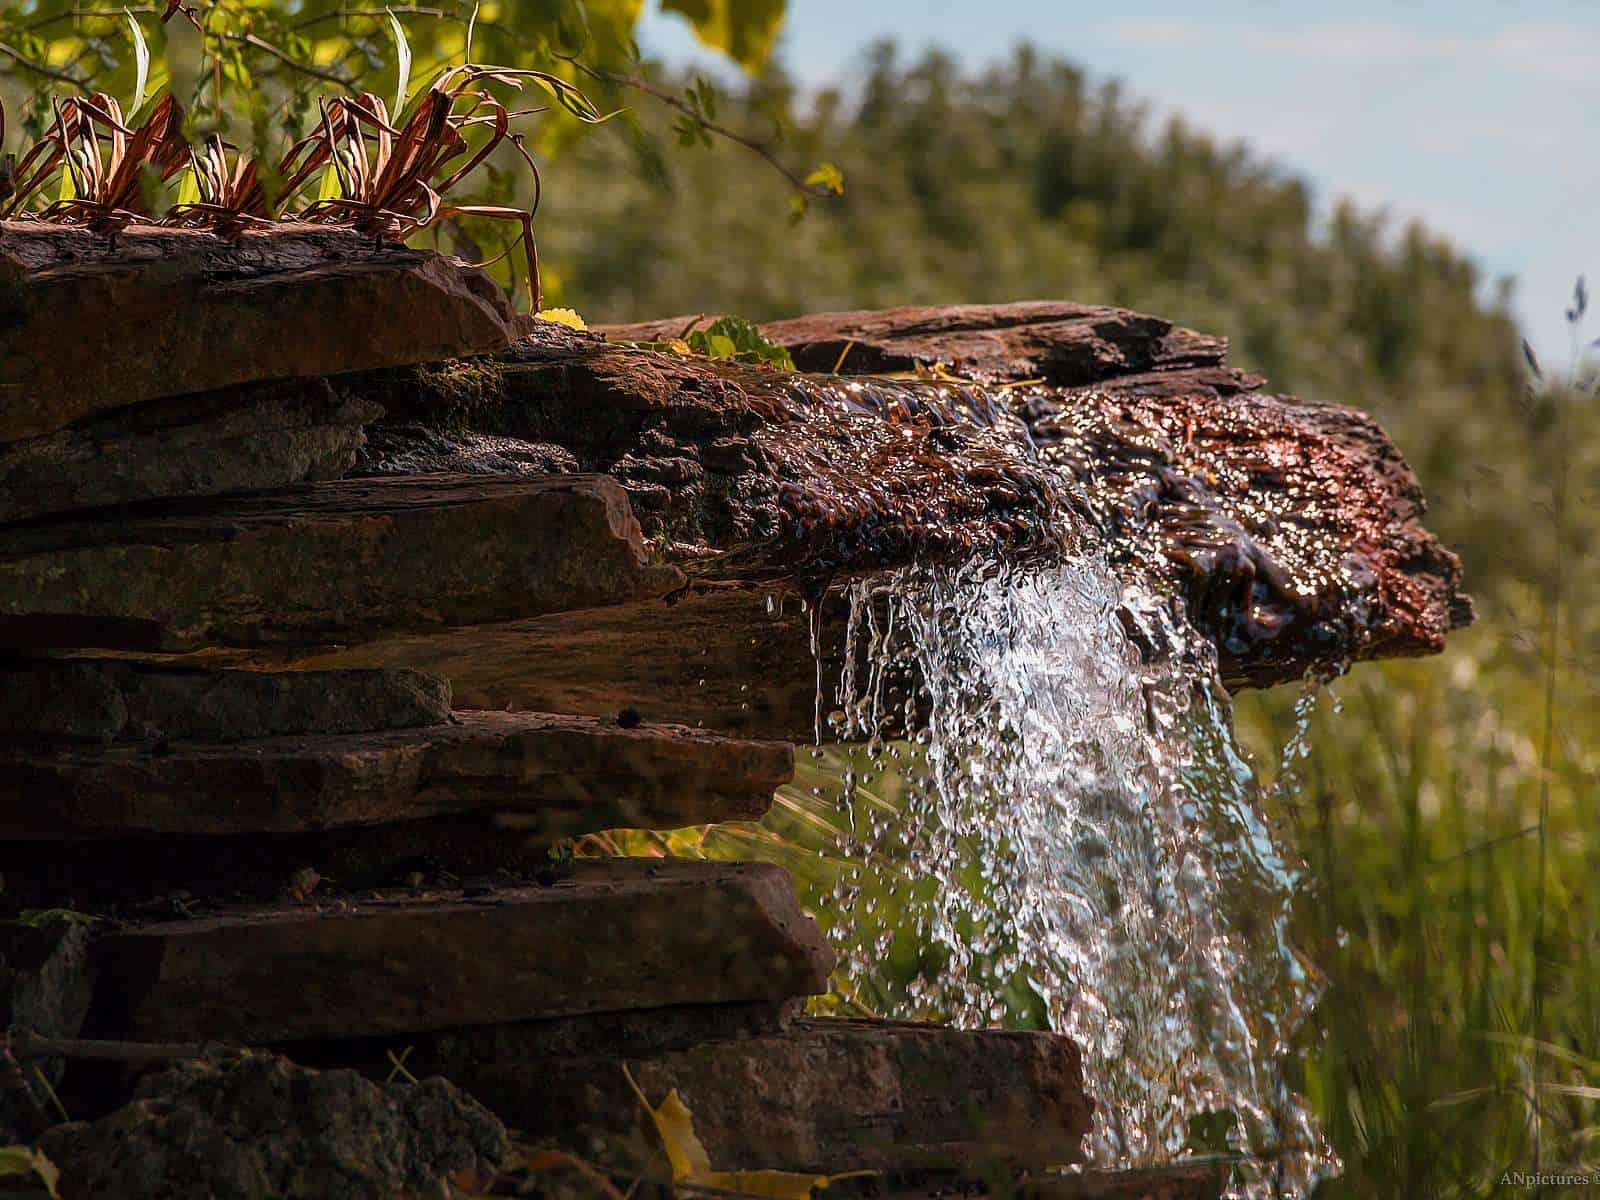 Detailaufnahme vom biotopischen Wasserfall. Unser Wahrzeichen ist auch nach 15 Jahren immer noch sehr attraktiv.